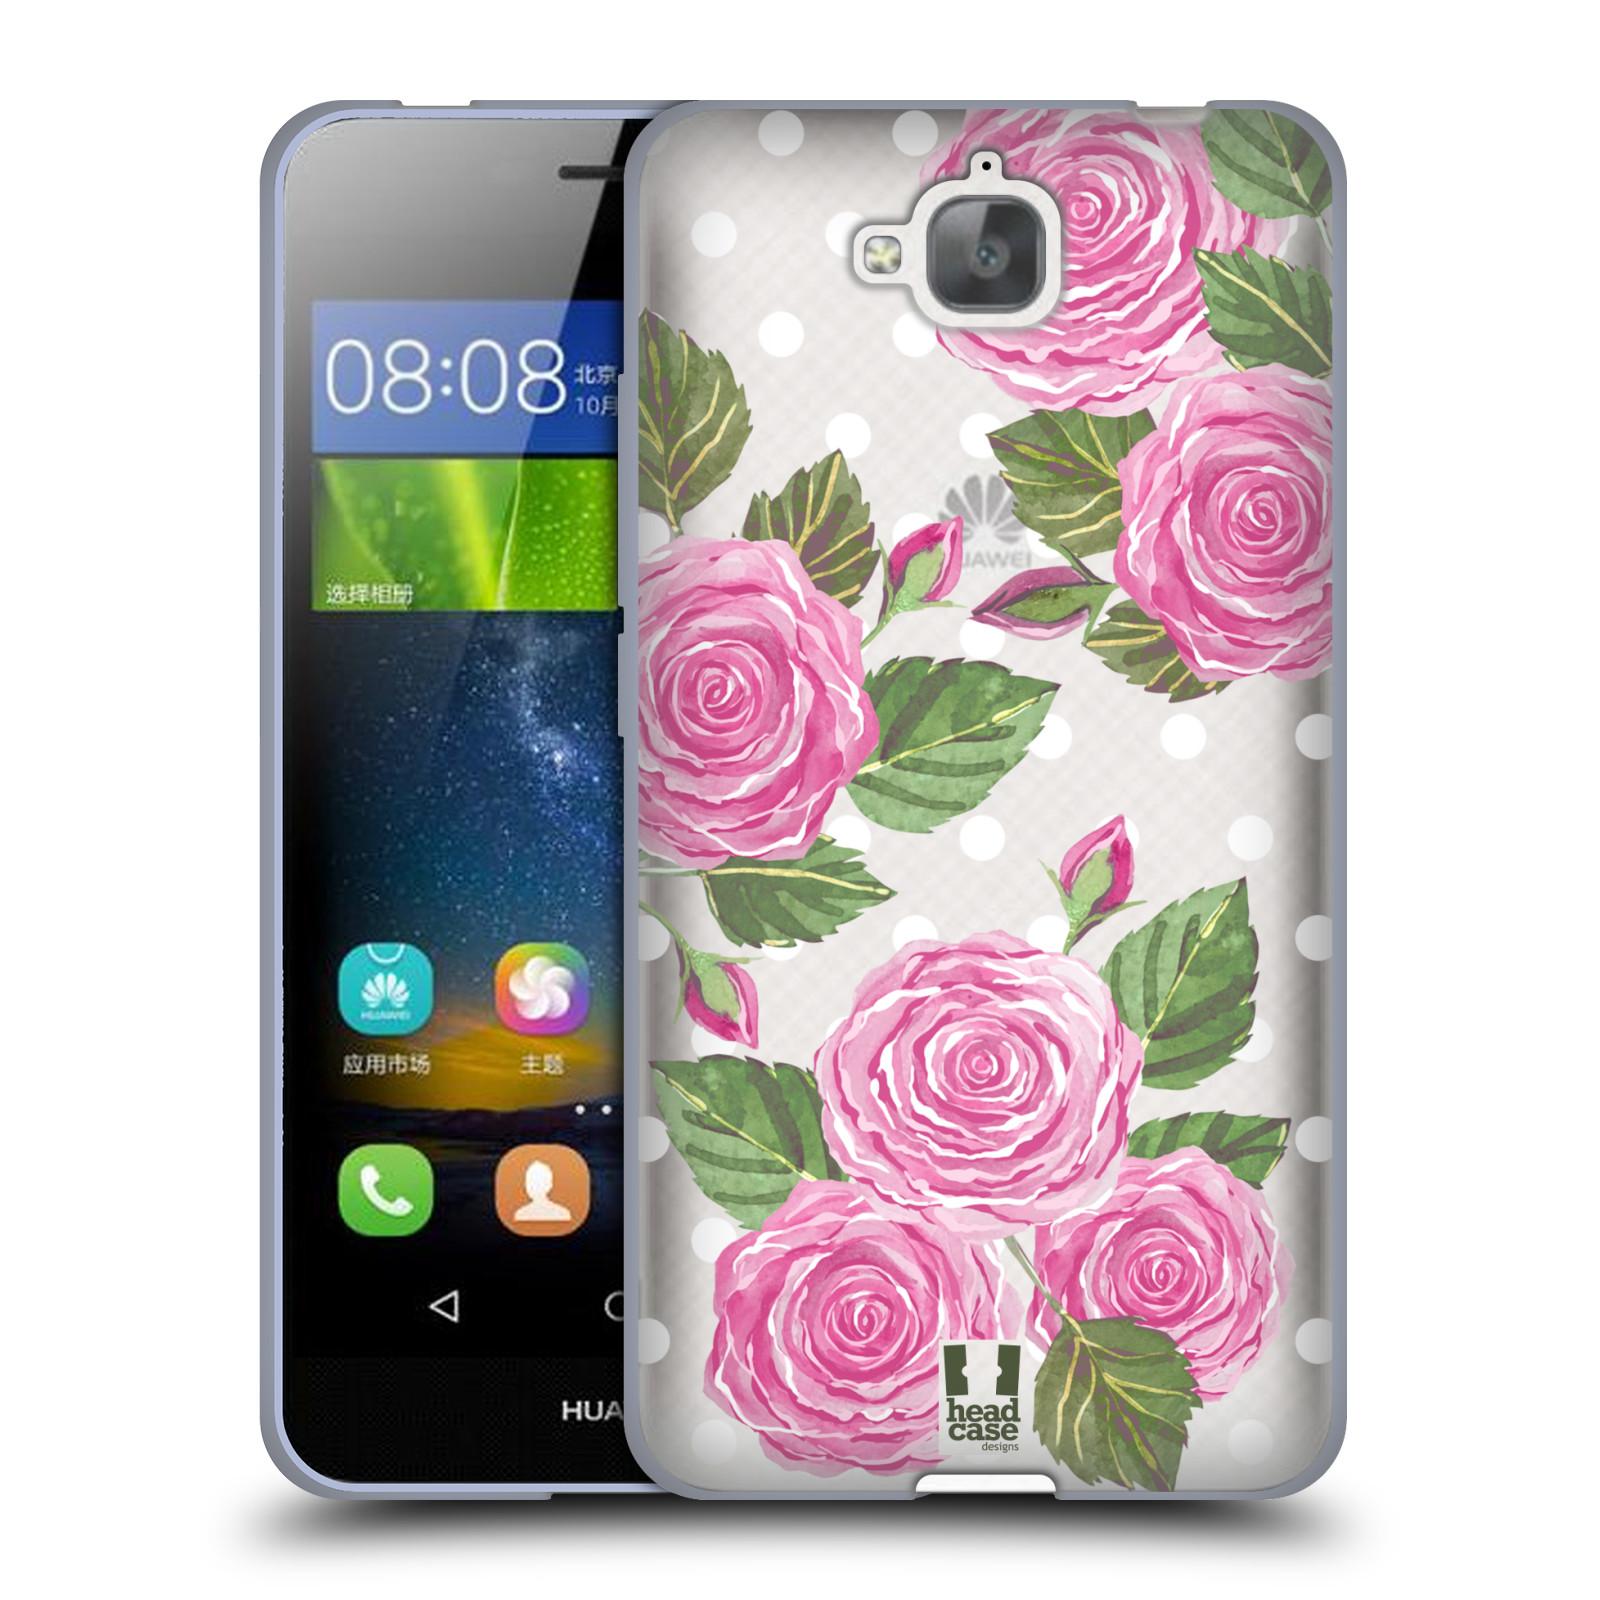 Silikonové pouzdro na mobil Huawei Y6 Pro Dual Sim - Head Case - Hezoučké růžičky - průhledné